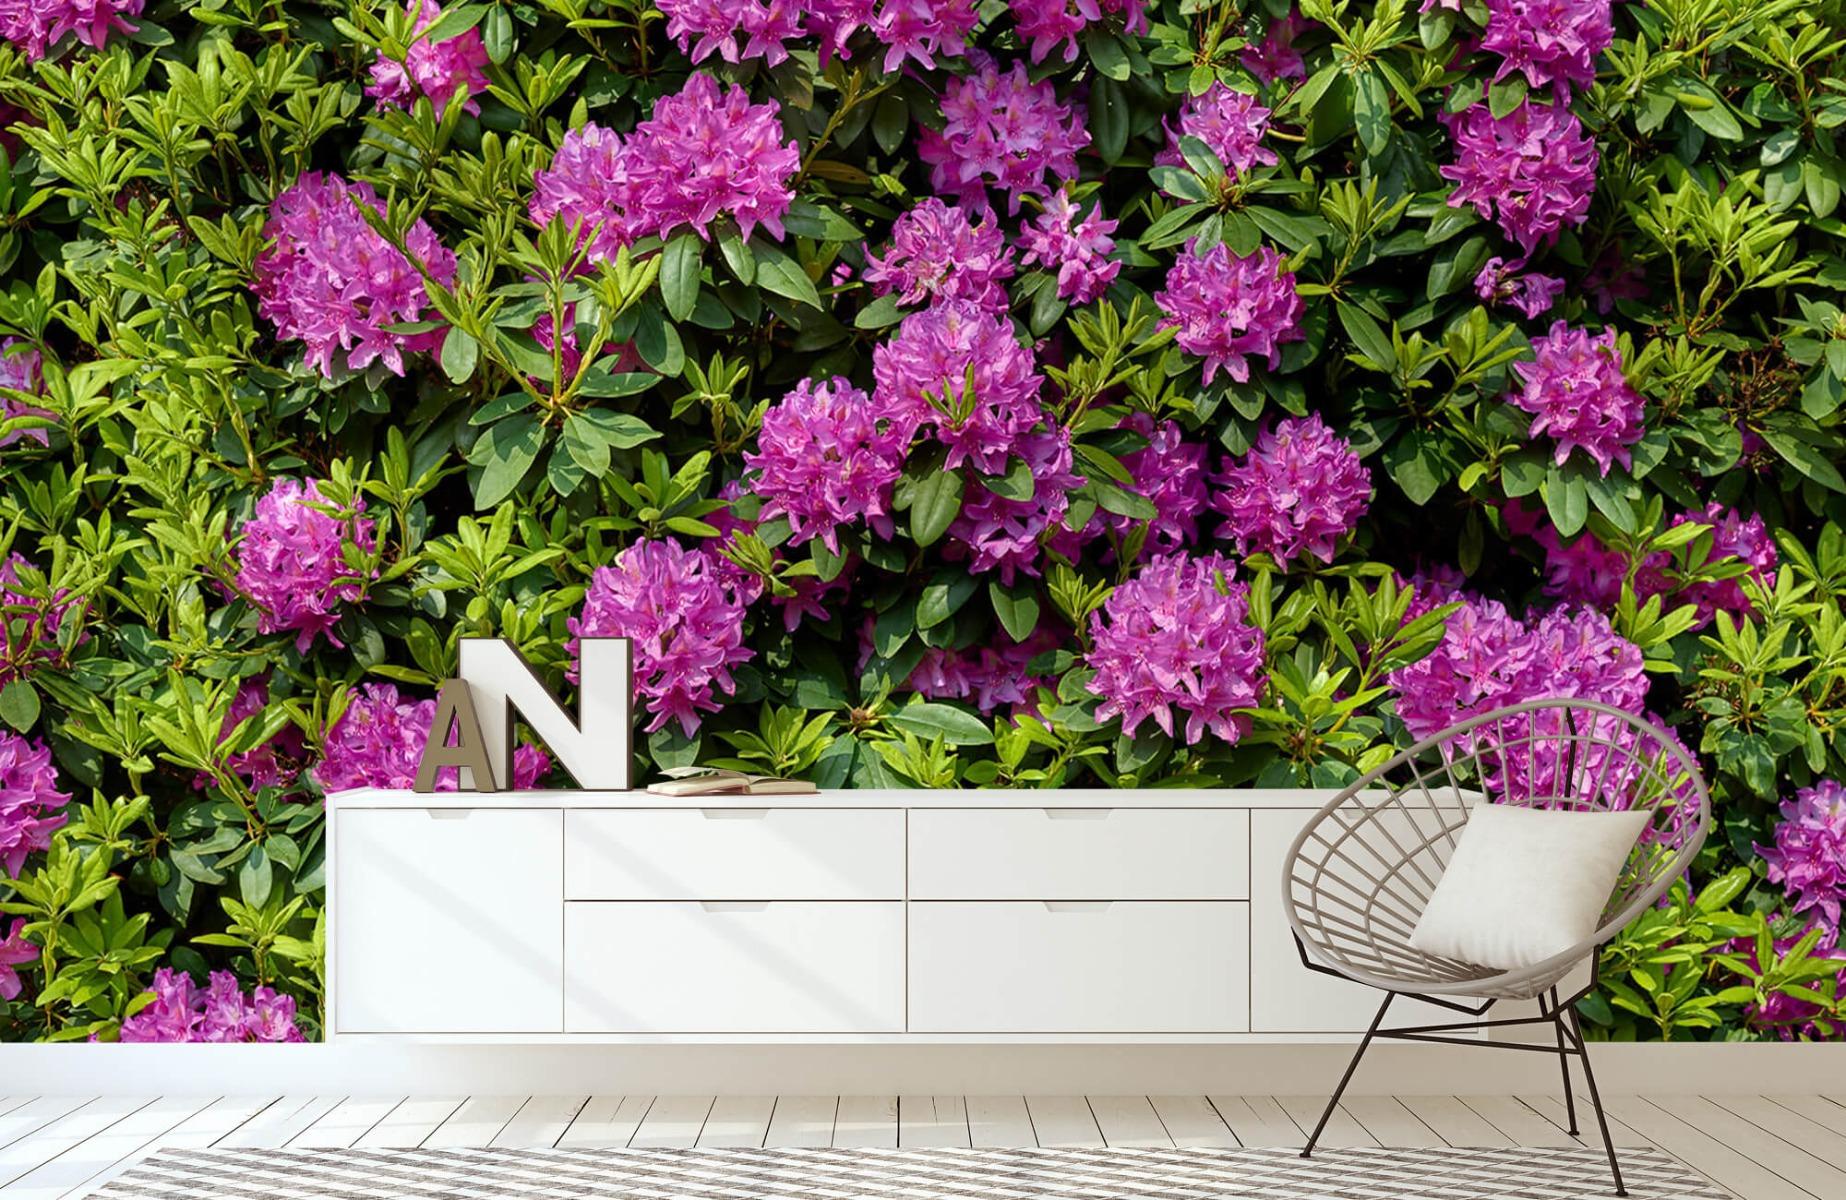 Bloemenvelden - Rododendrons - Wallexclusive - Slaapkamer 1